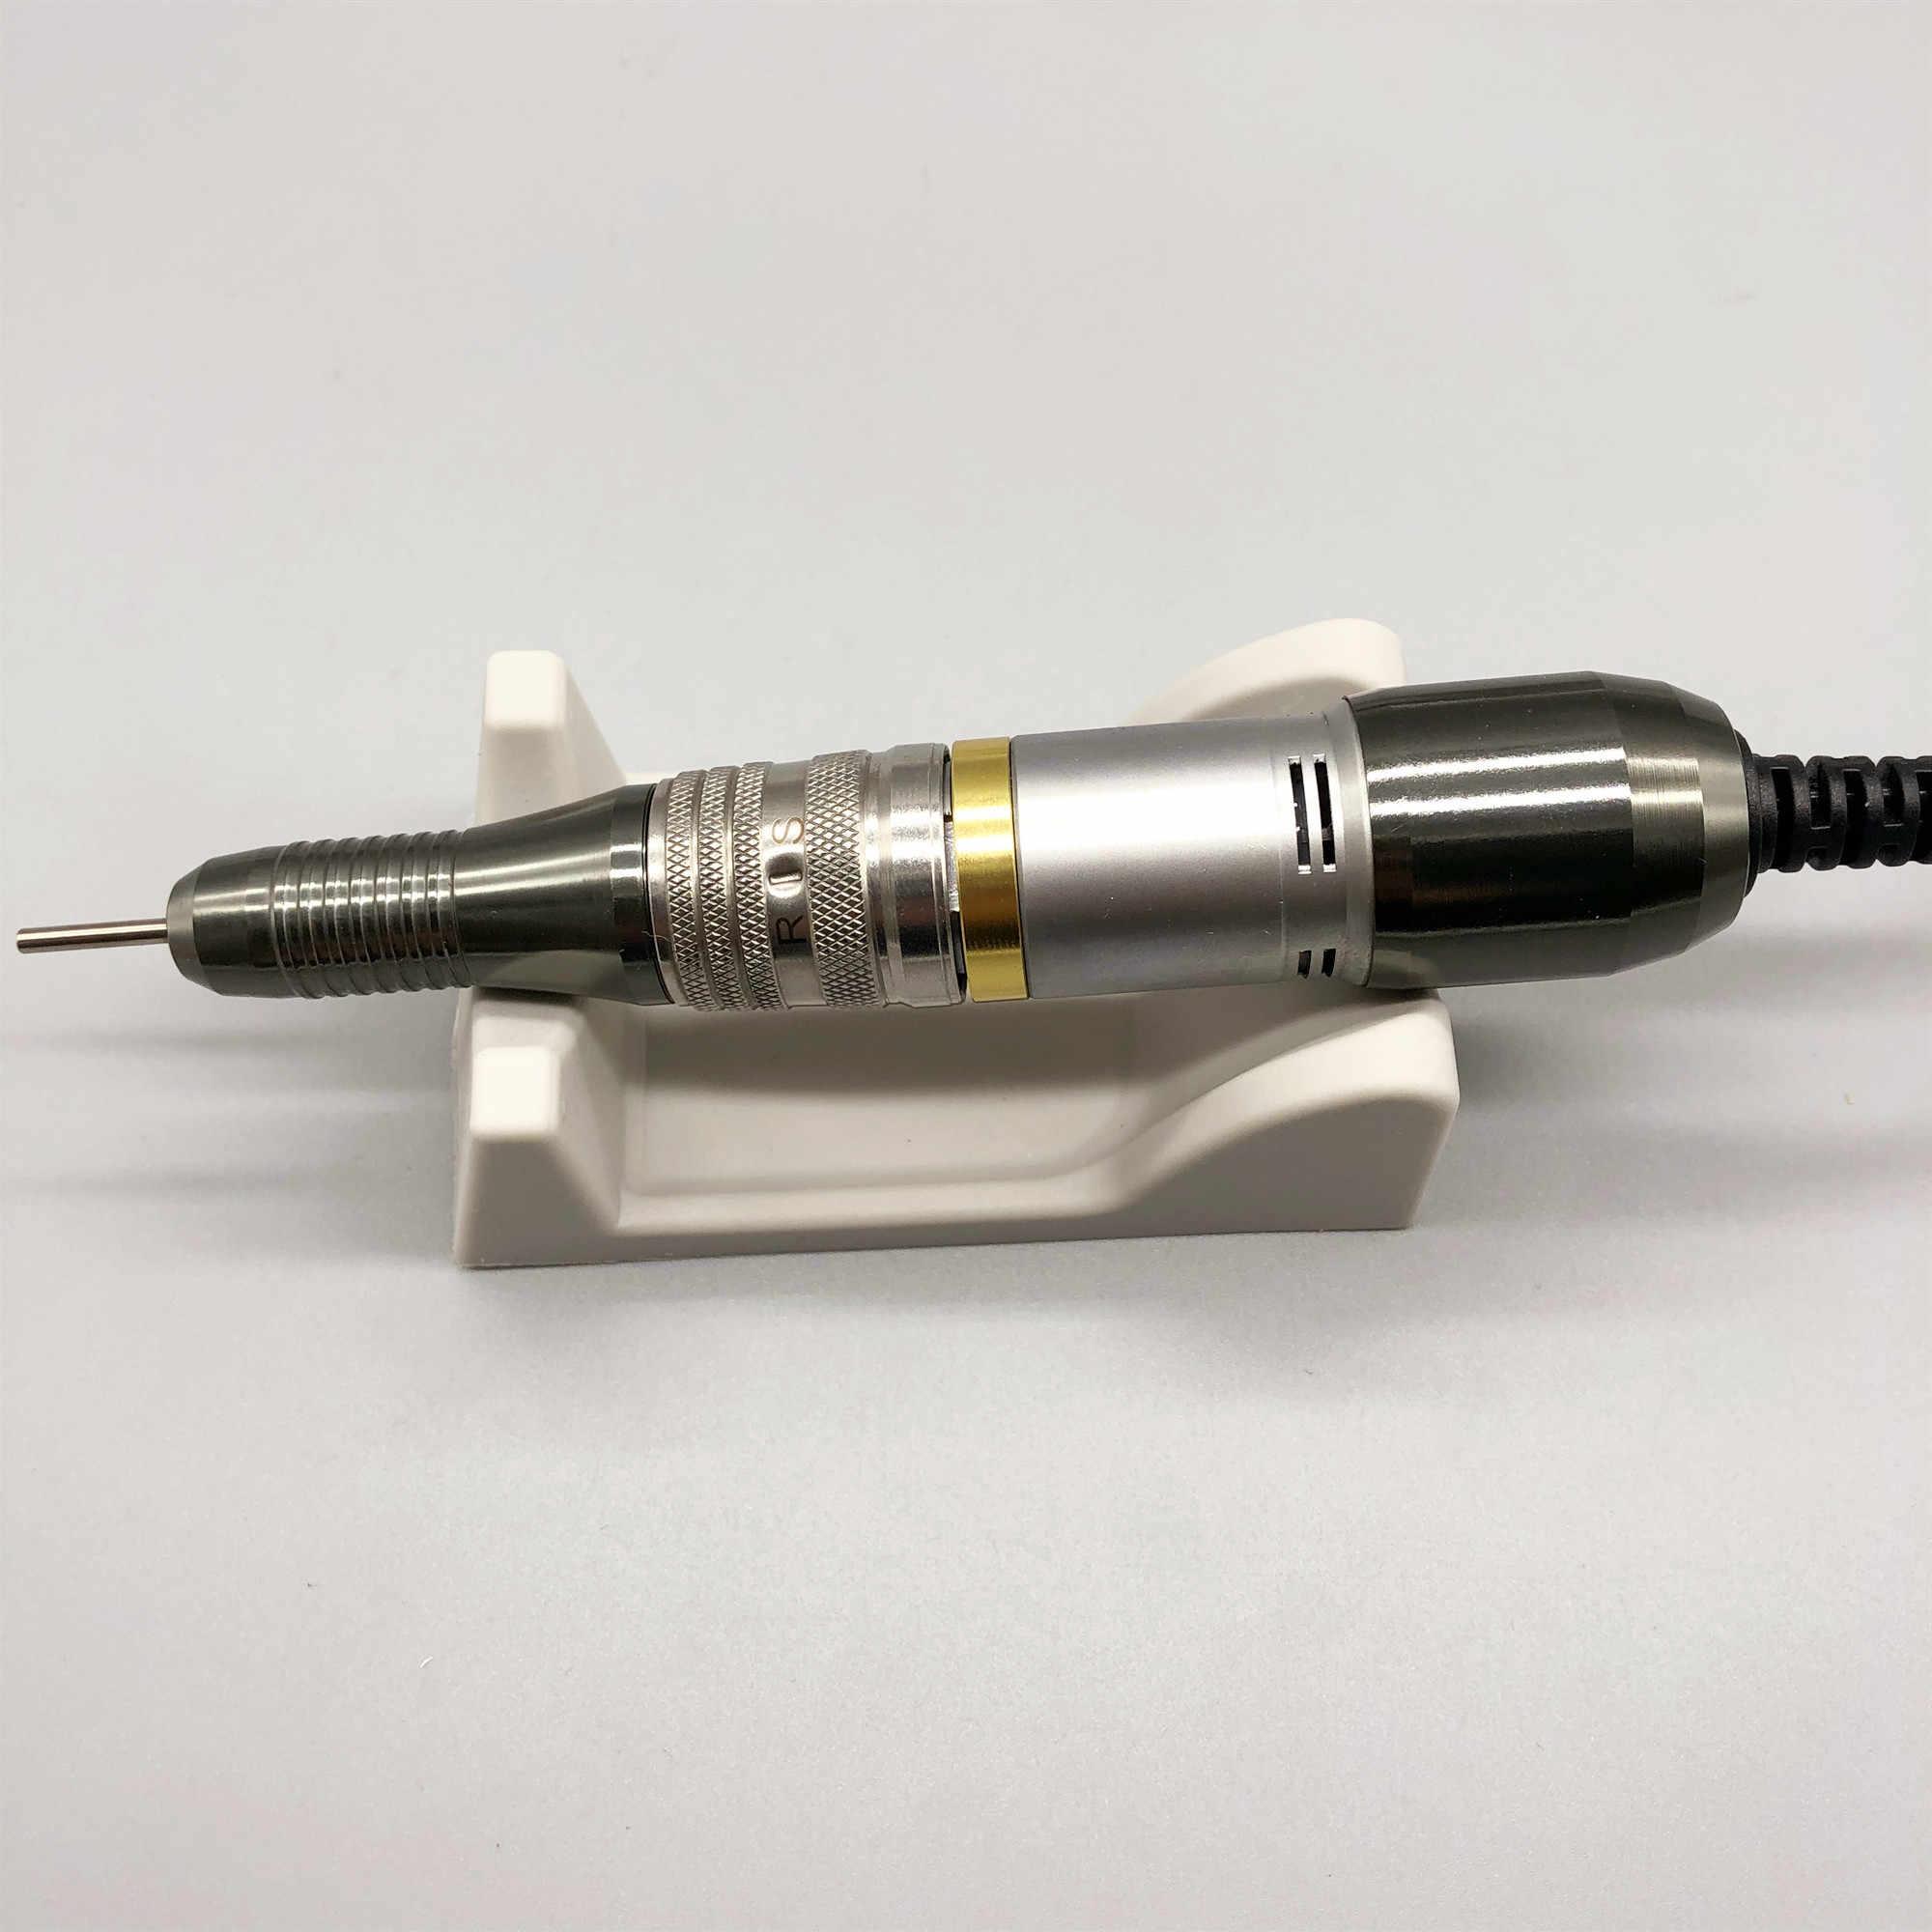 65W nowe, potężne 35000RPM-SaeYang SDH-H200 uchwyt 30000 obr/min maszyna do manicure manicure elektryczny wiertła narzędzie do paznokci